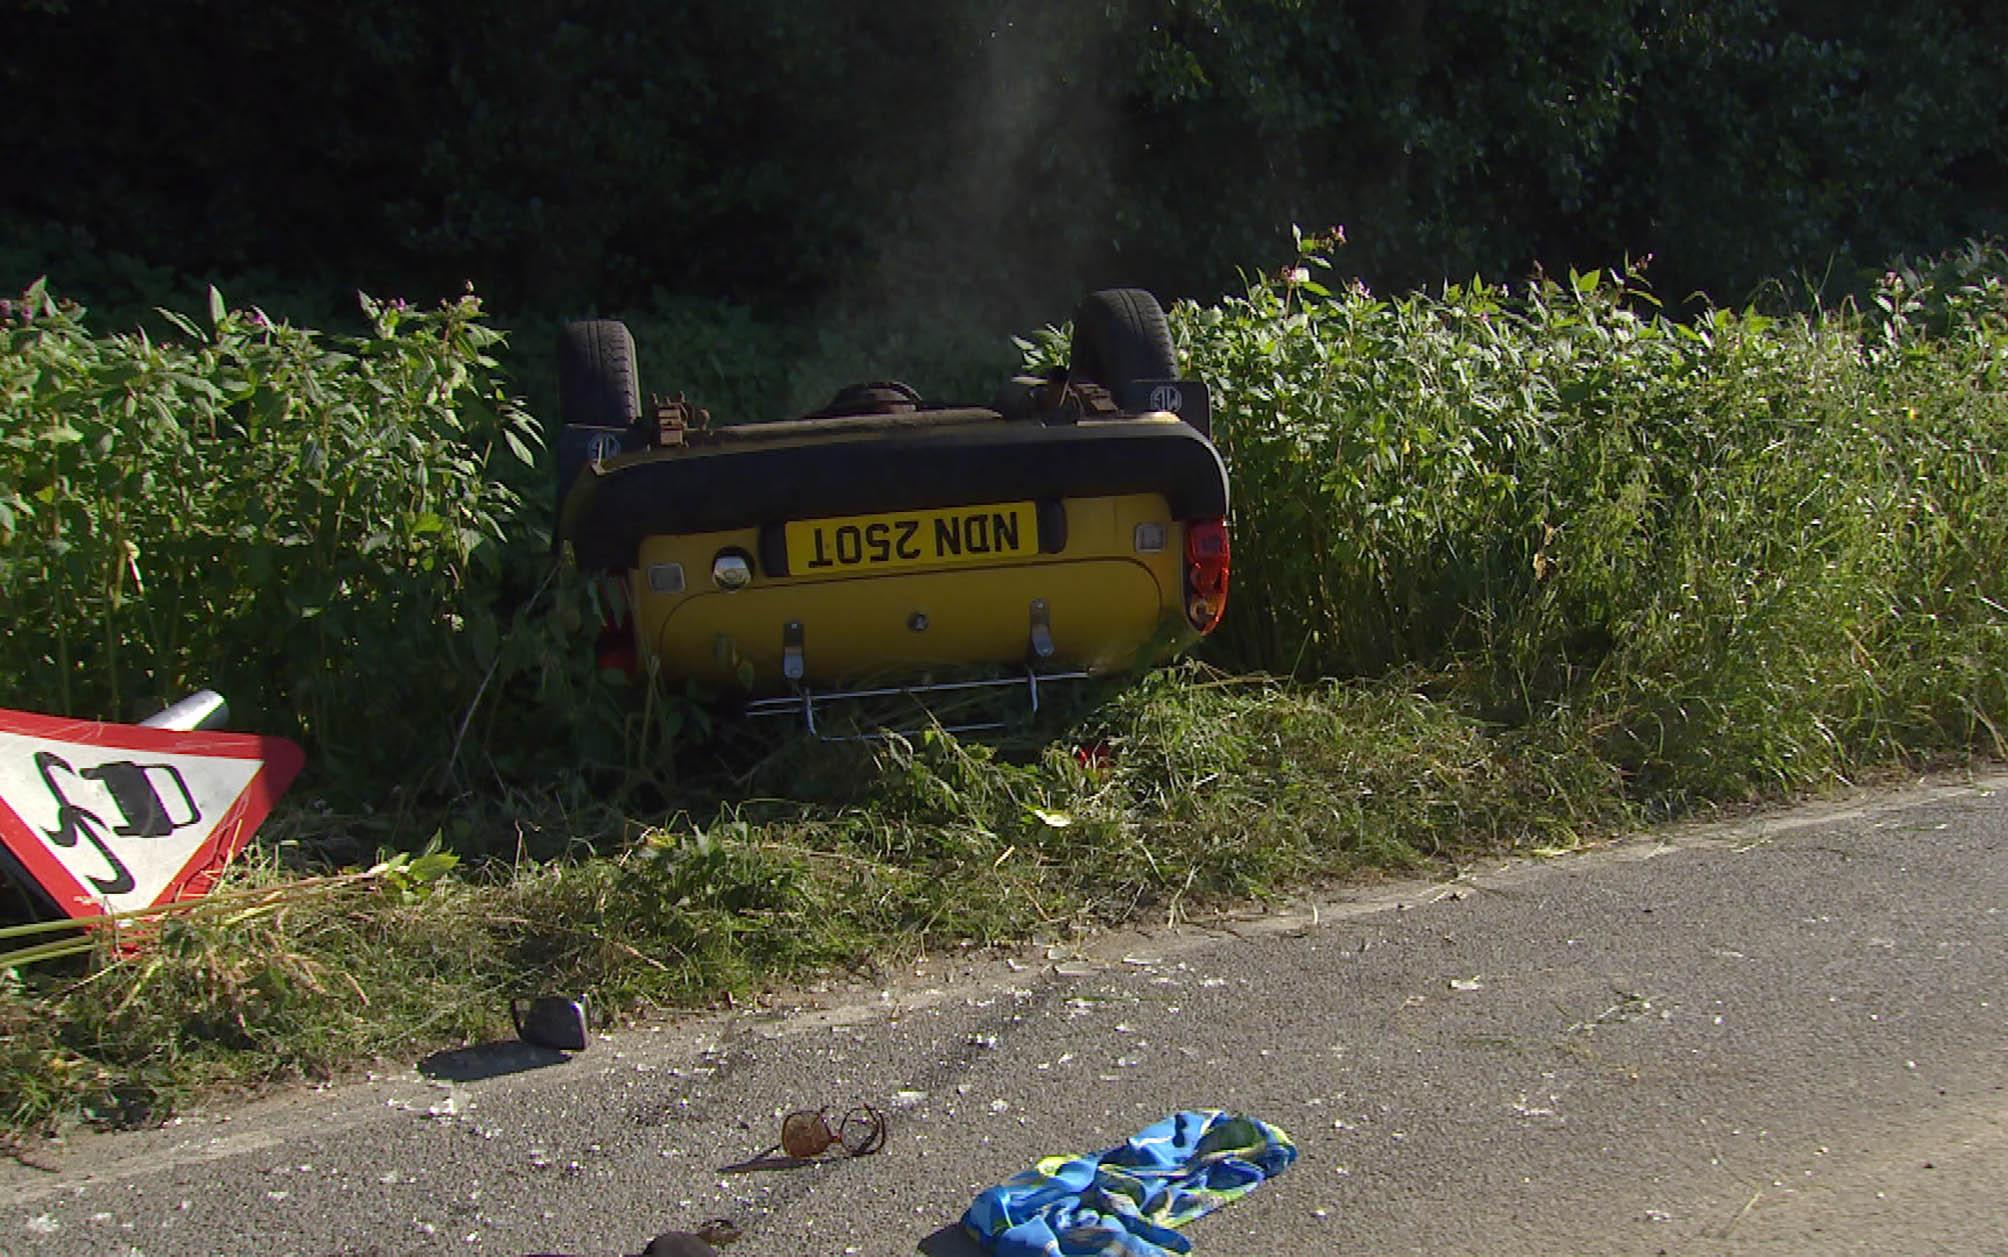 Megan and Frank crash in Emmerdale